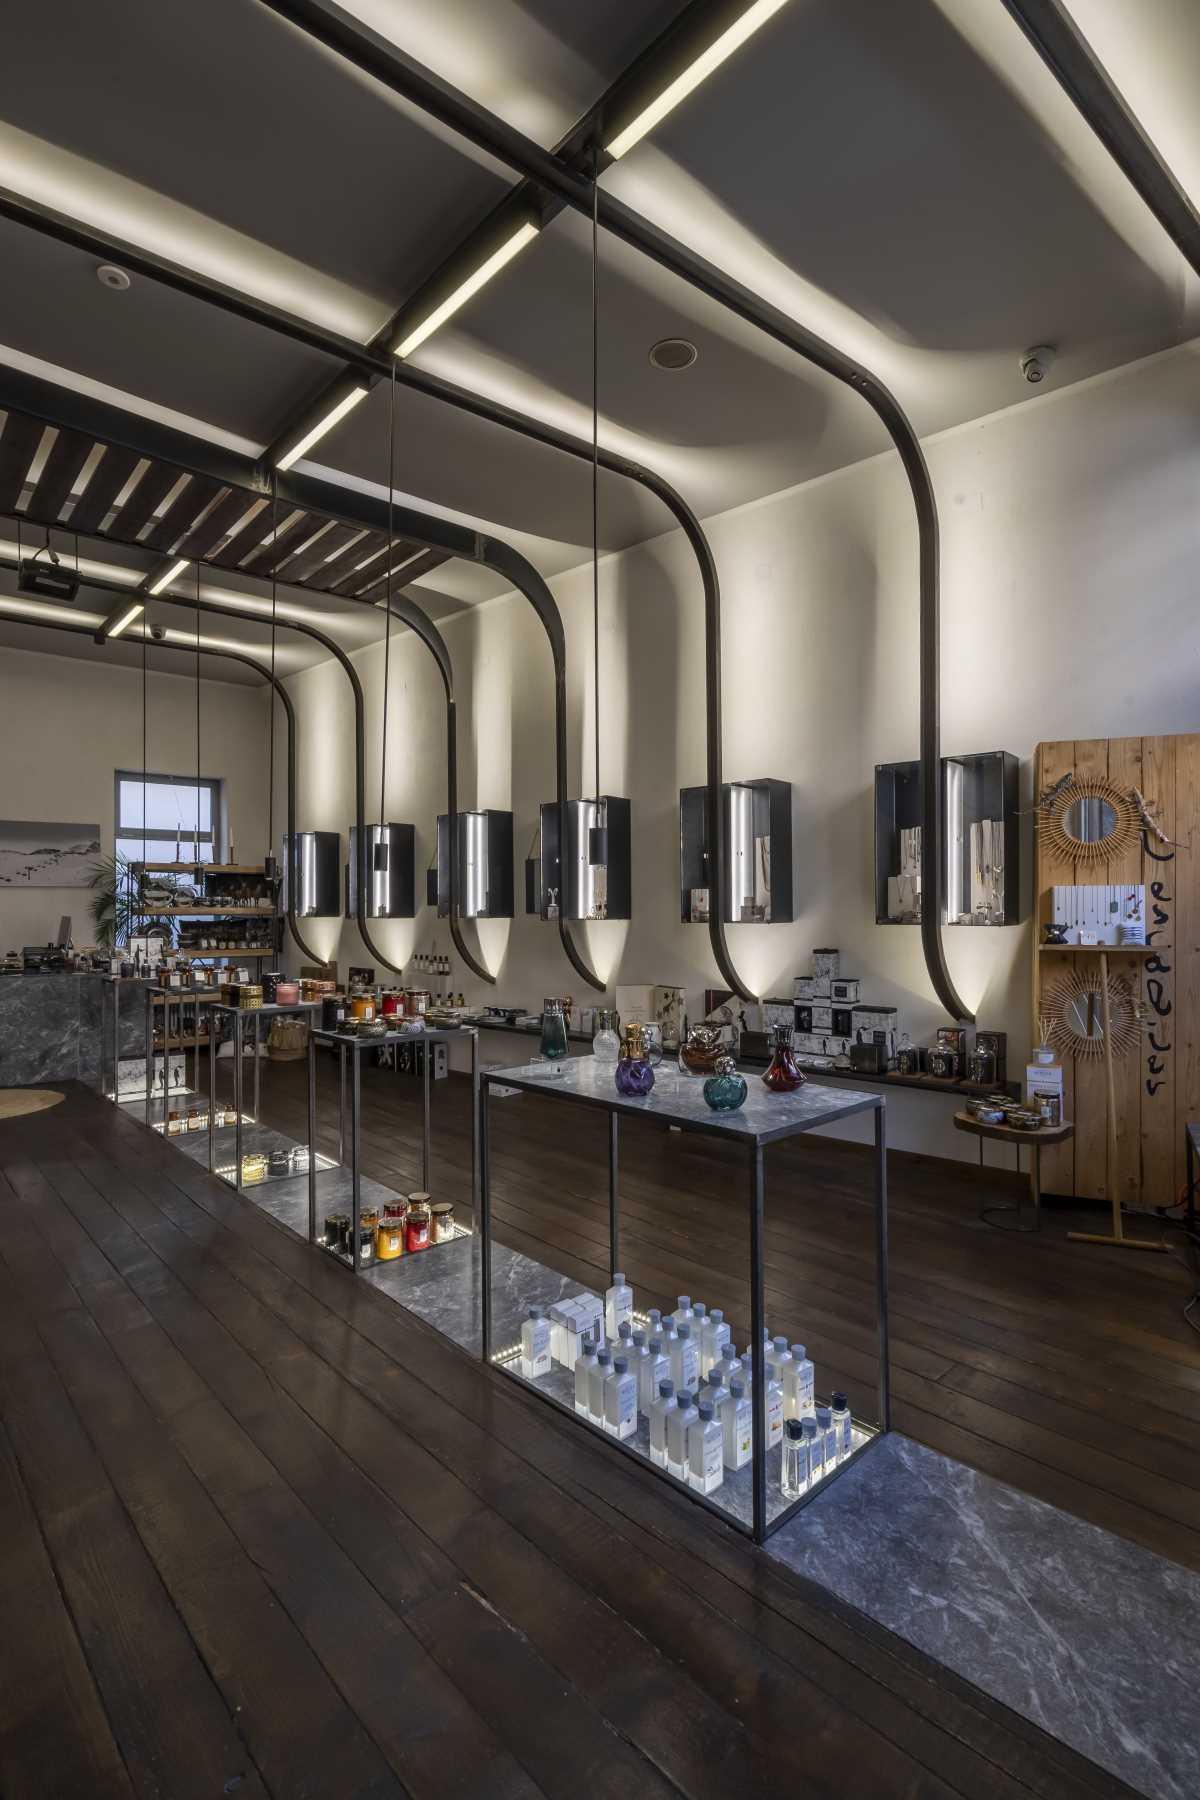 L Escalier concept store